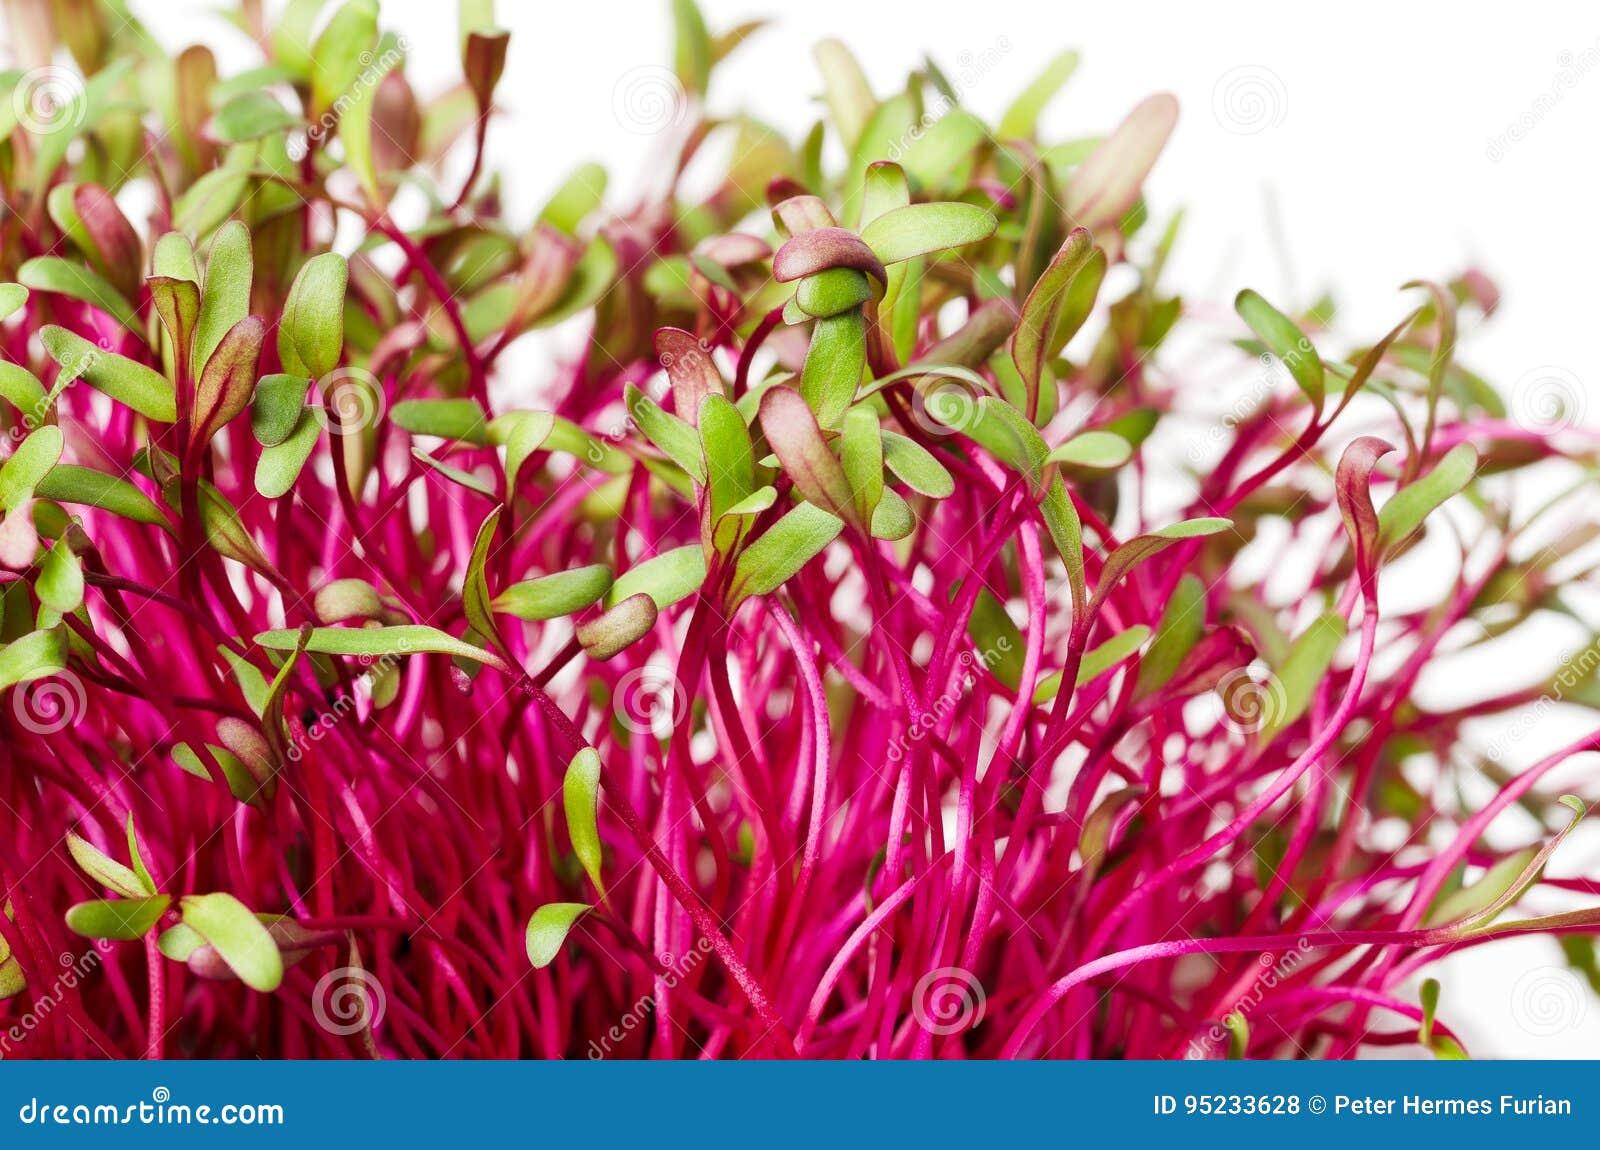 Rode bieten, verse spruiten en jonge bladeren